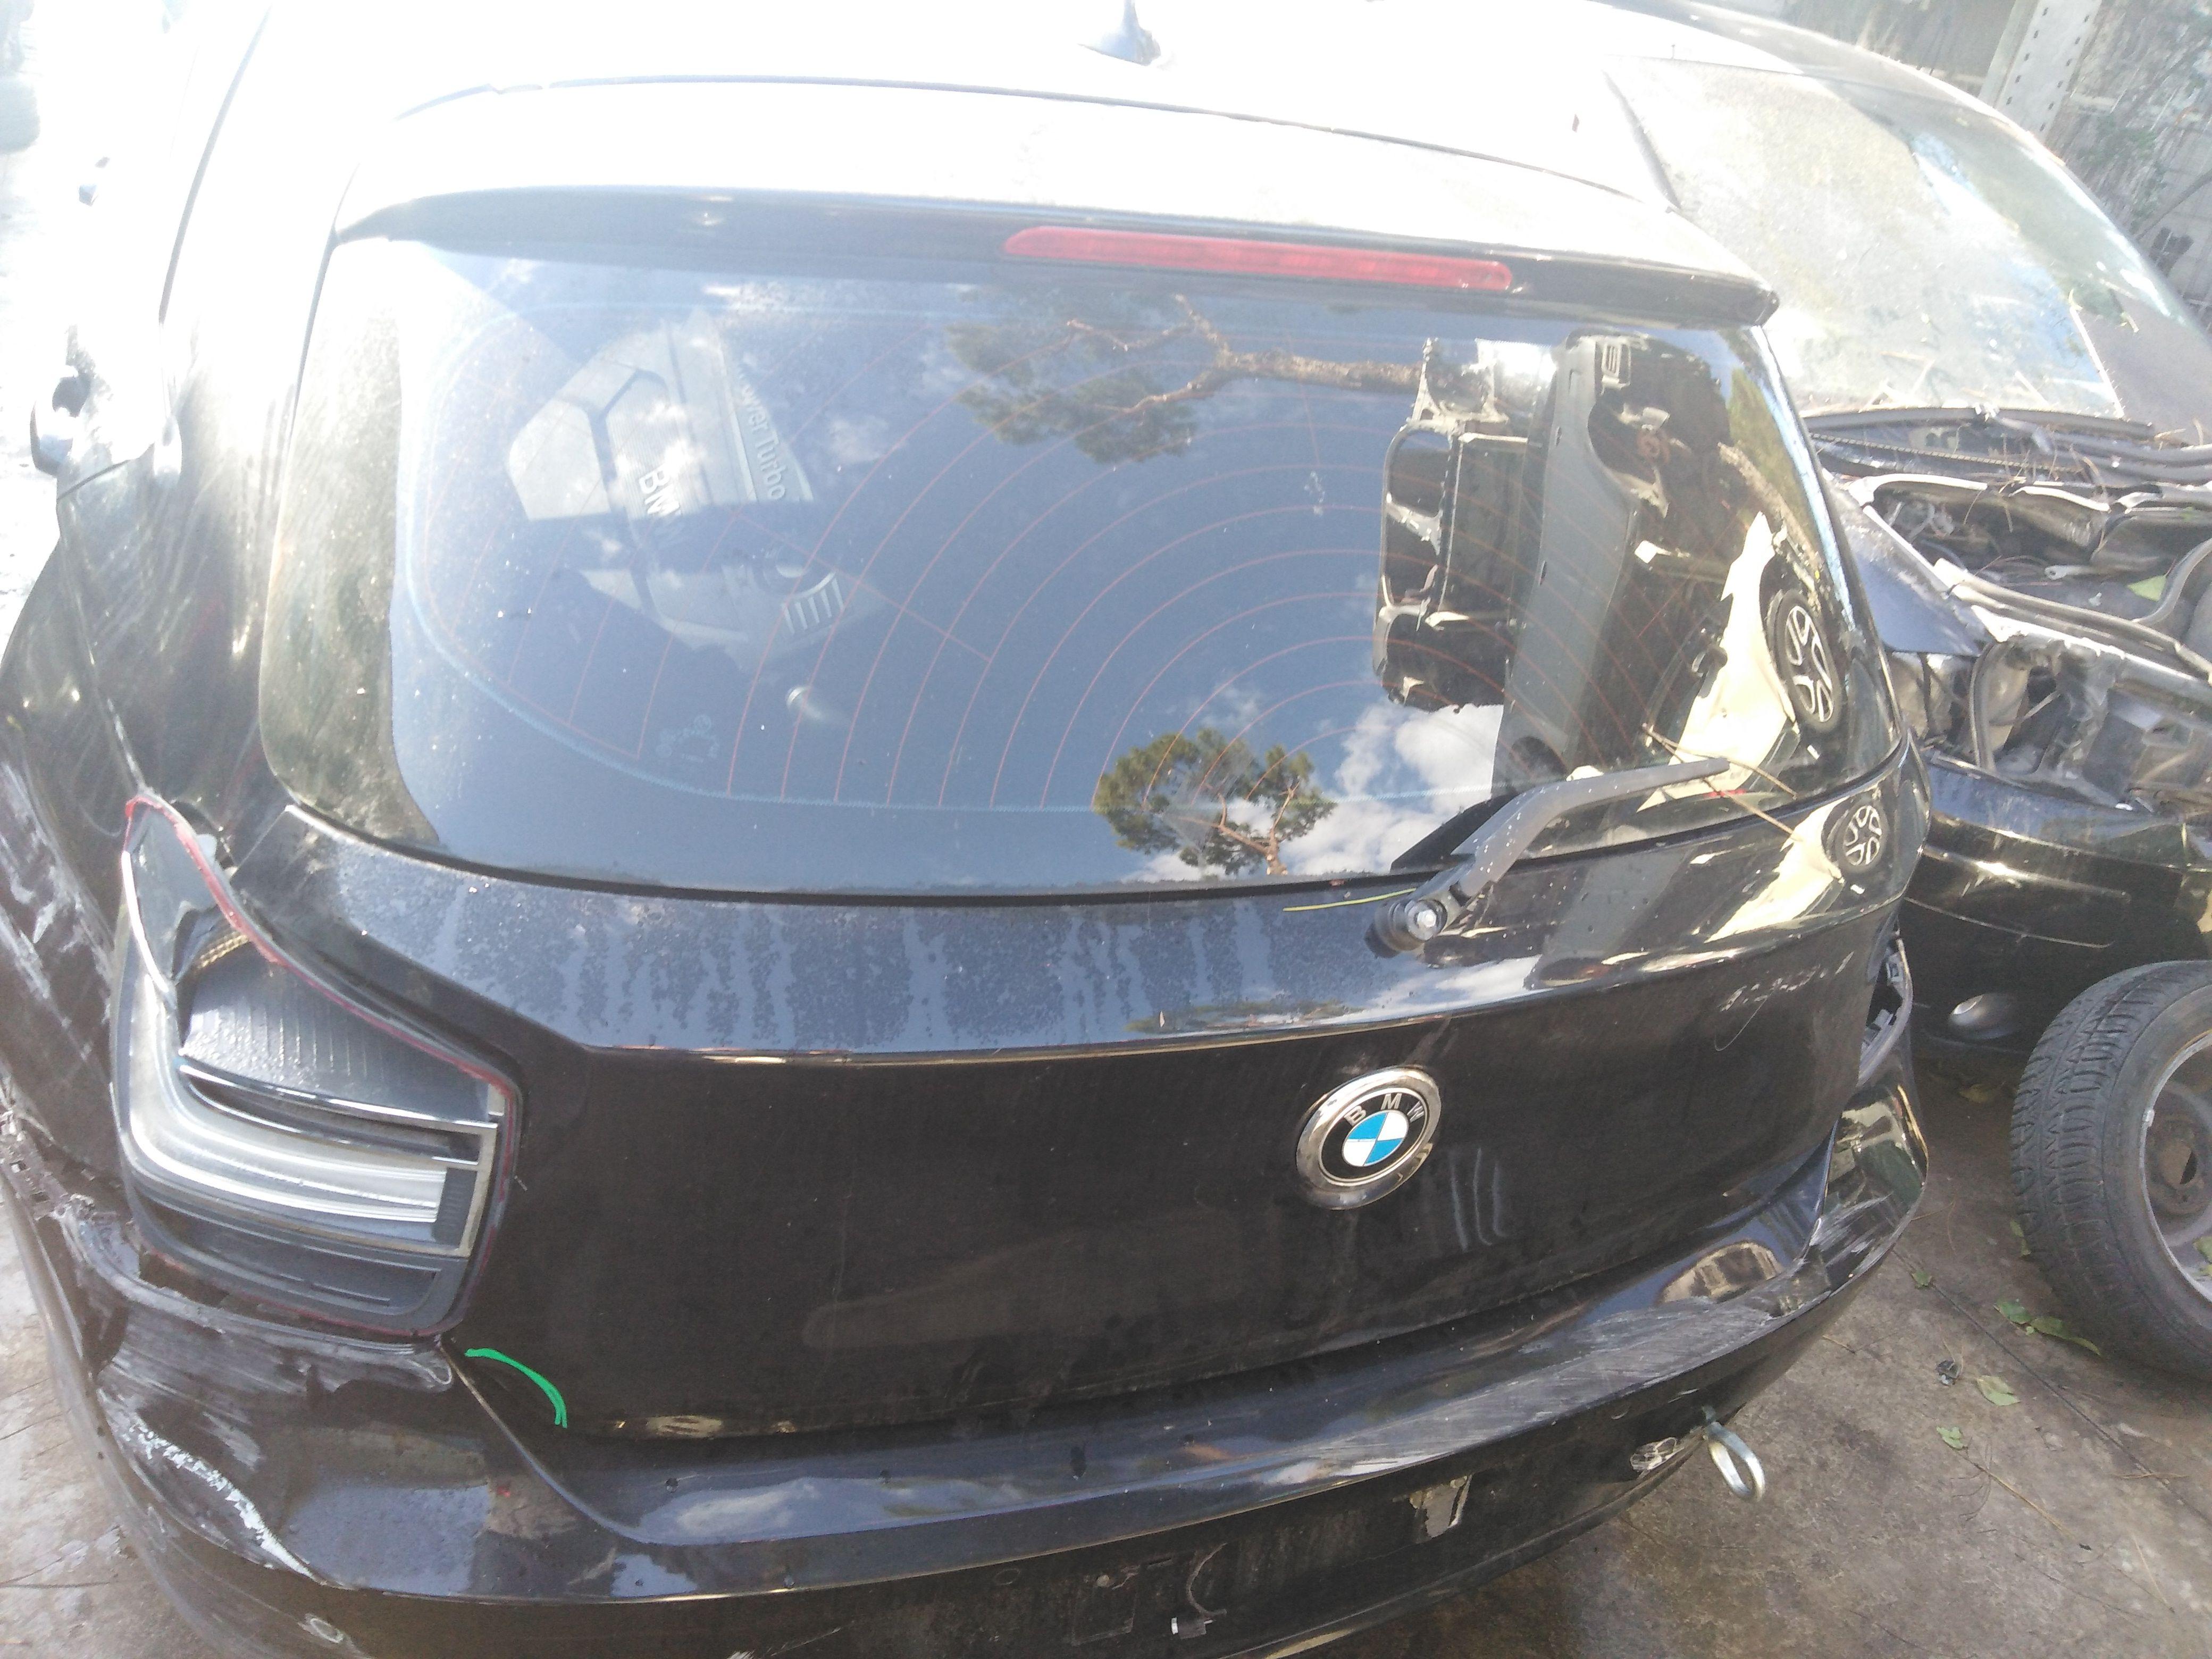 PARAFANGO ANTERIORE SINISTRO PER BMW 1 f20 11-19